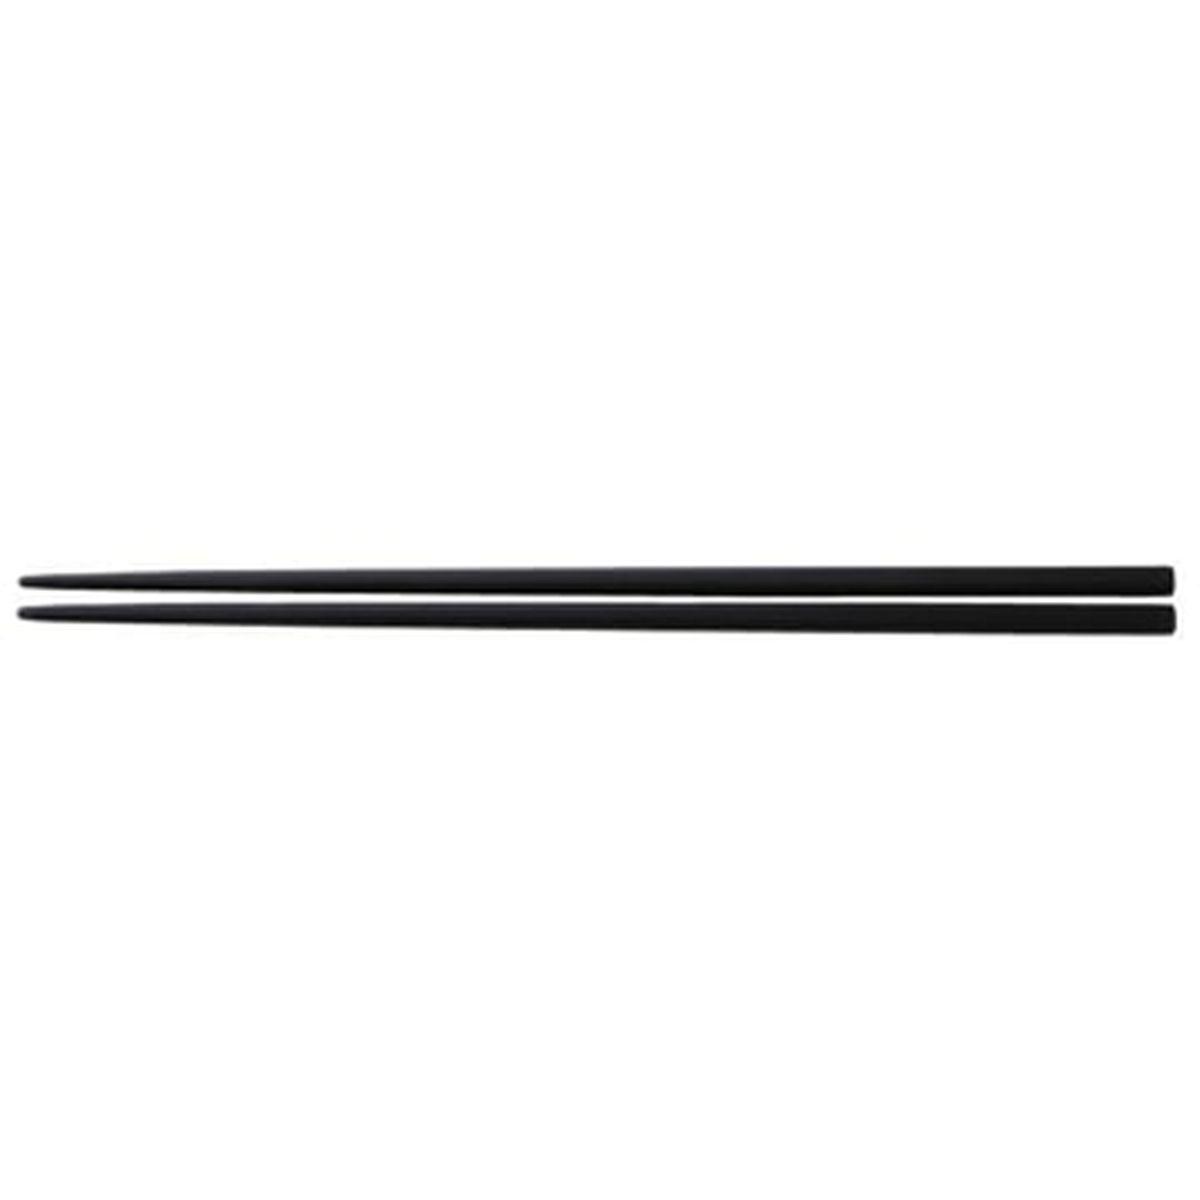 脇 雅世 O.E.C.シリーズ シリコーン菜箸 黒(1コ入)の写真